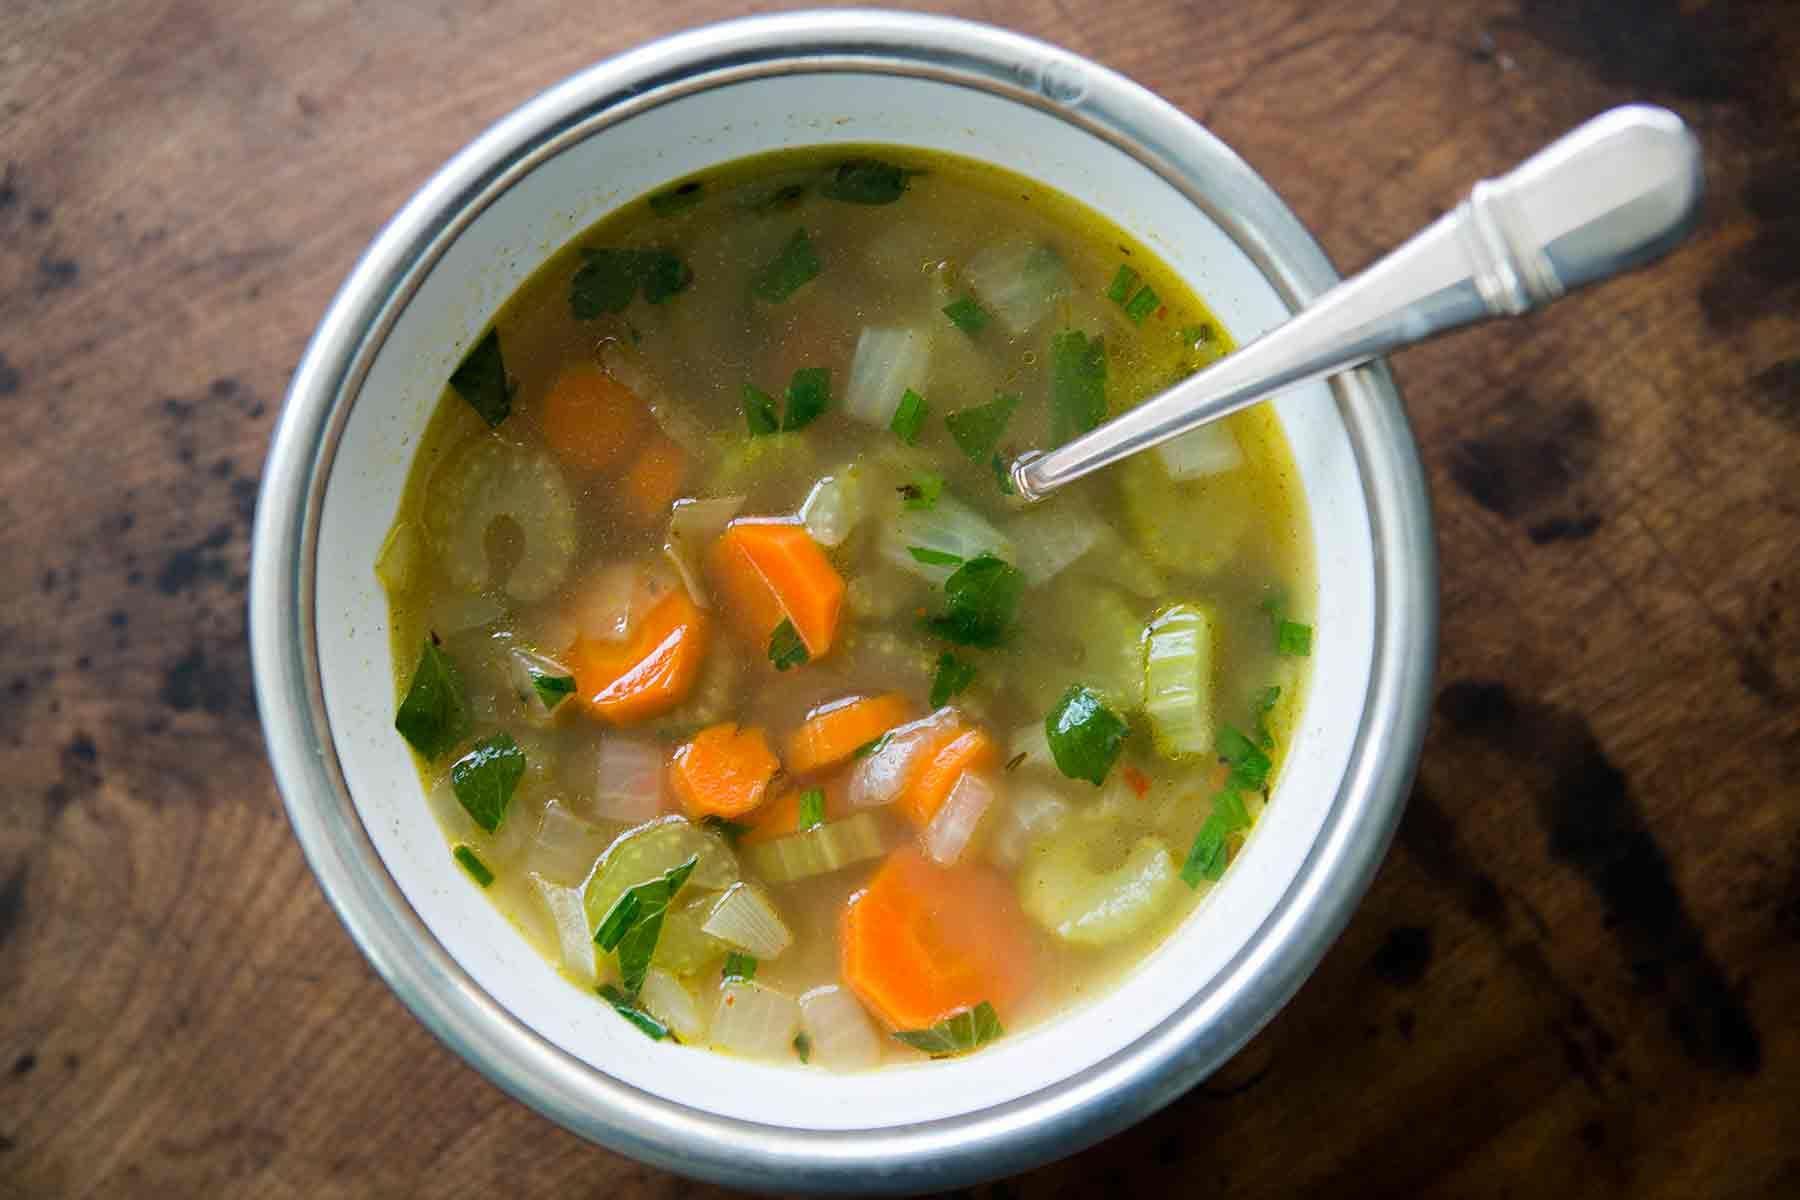 Mom S Cold Season Chicken Soup Recipe Simplyrecipes Com Recipe Chicken Soup Recipes Chicken Seasoning Recipes